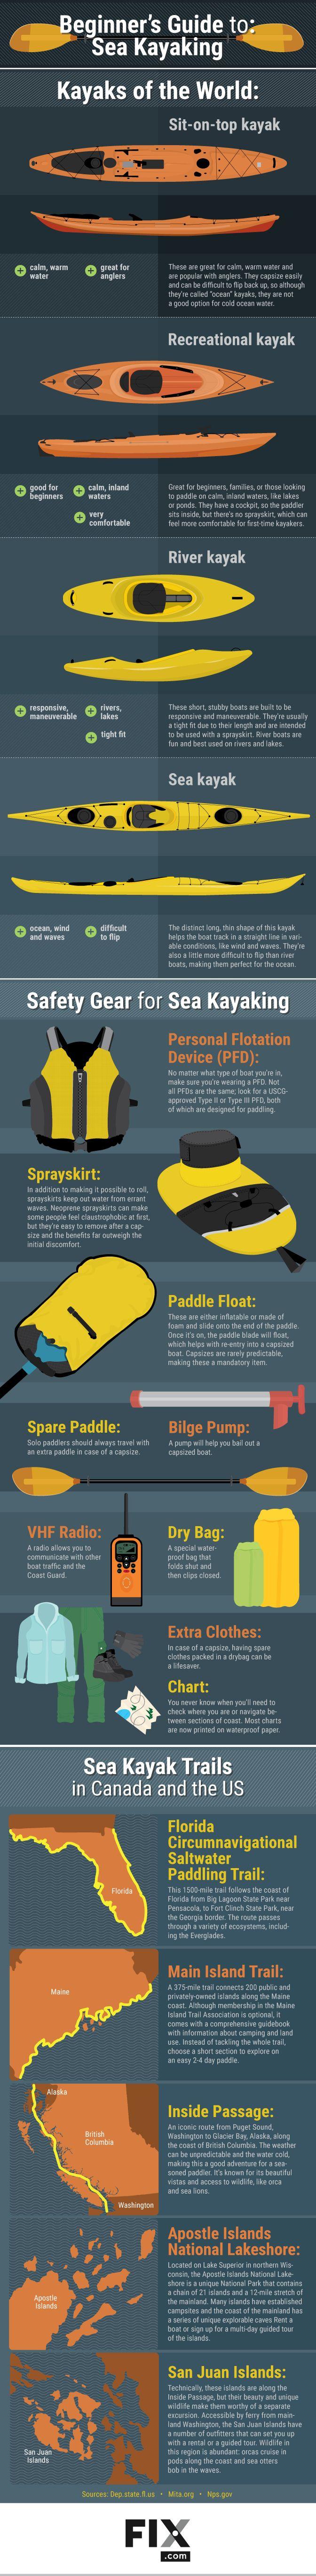 El kayak de mar es económico, versátil y un gran entrenamiento! Aprender cómo se puede estar experimentando el mejor tipo tiene que ofrecer por entrar